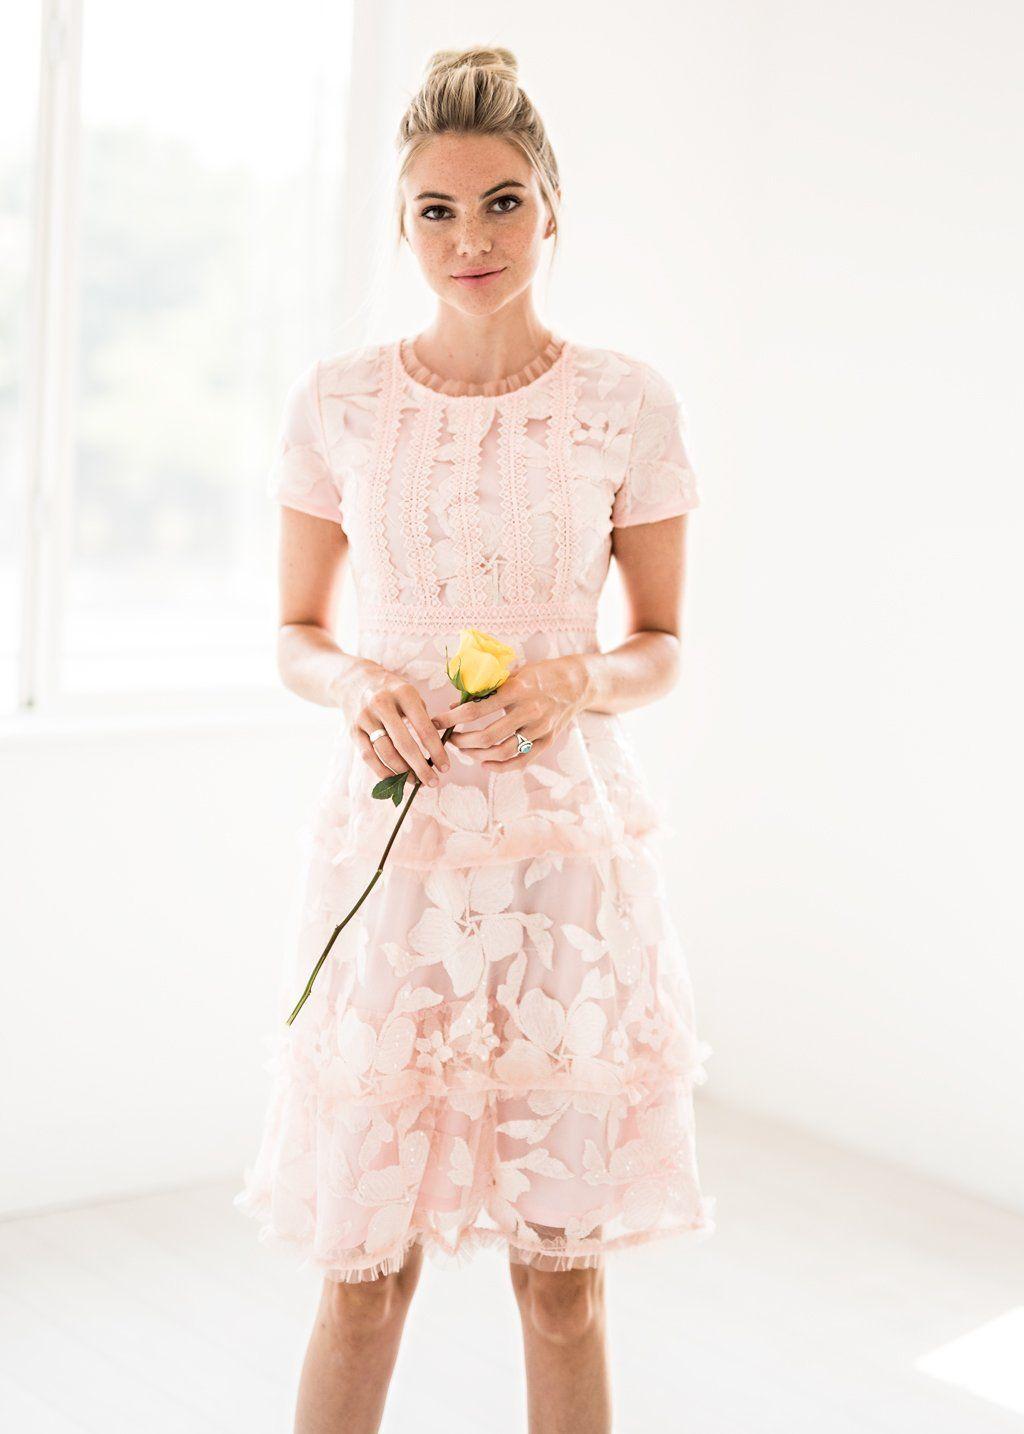 Green dress for wedding party  Splendid Spree Dress in Rose Quartz  dresses  Pinterest  Rose